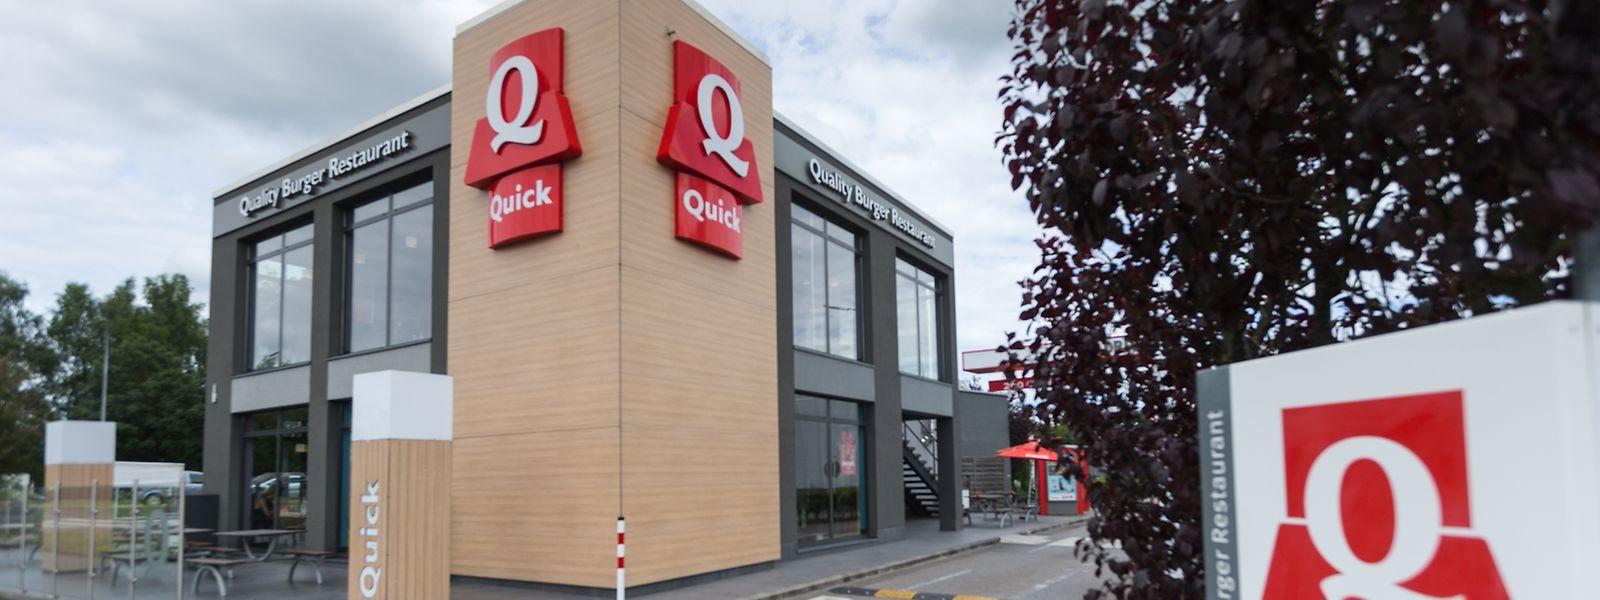 Im Juli hieß es, alle luxemburgischen und belgischen Quick-Filialen sollten sukzessive in Burger King-Filialen umgewandelt werden.